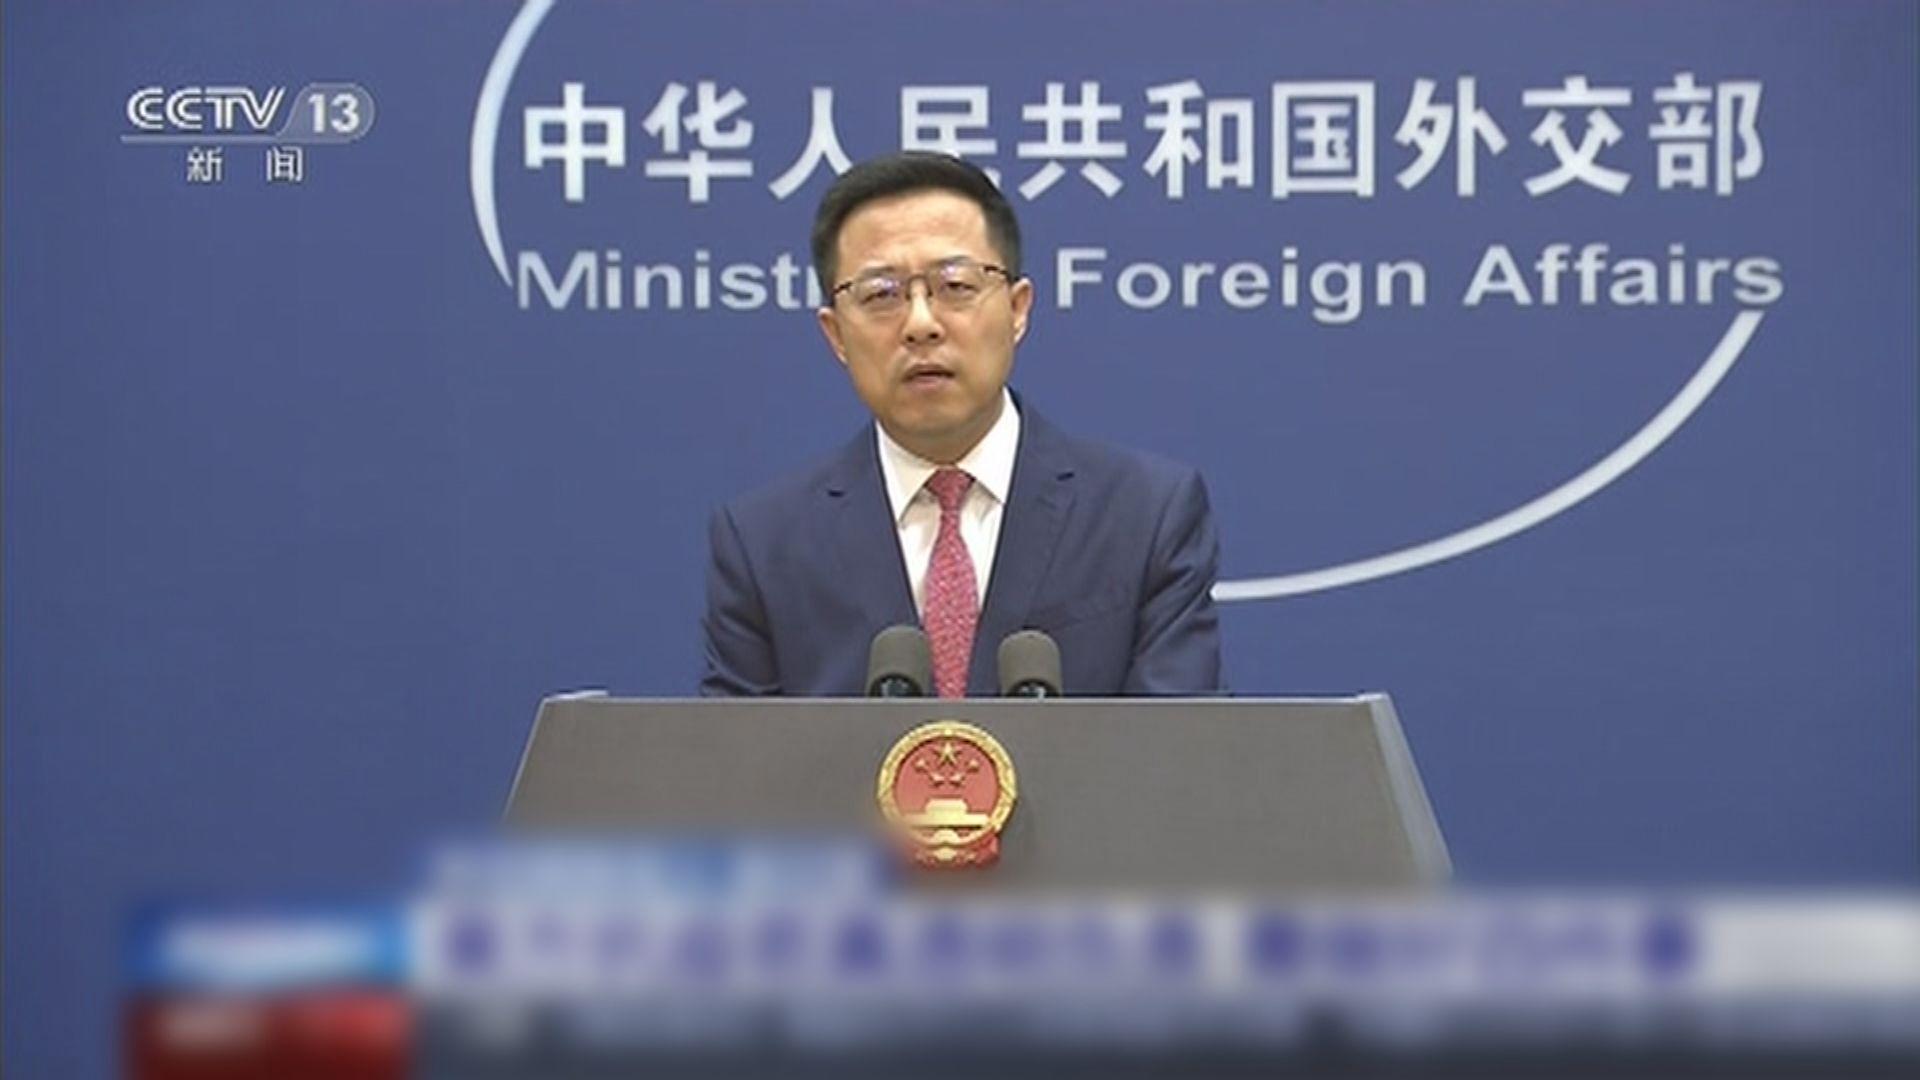 外交部斥美方藉新聞自由之名打壓中國